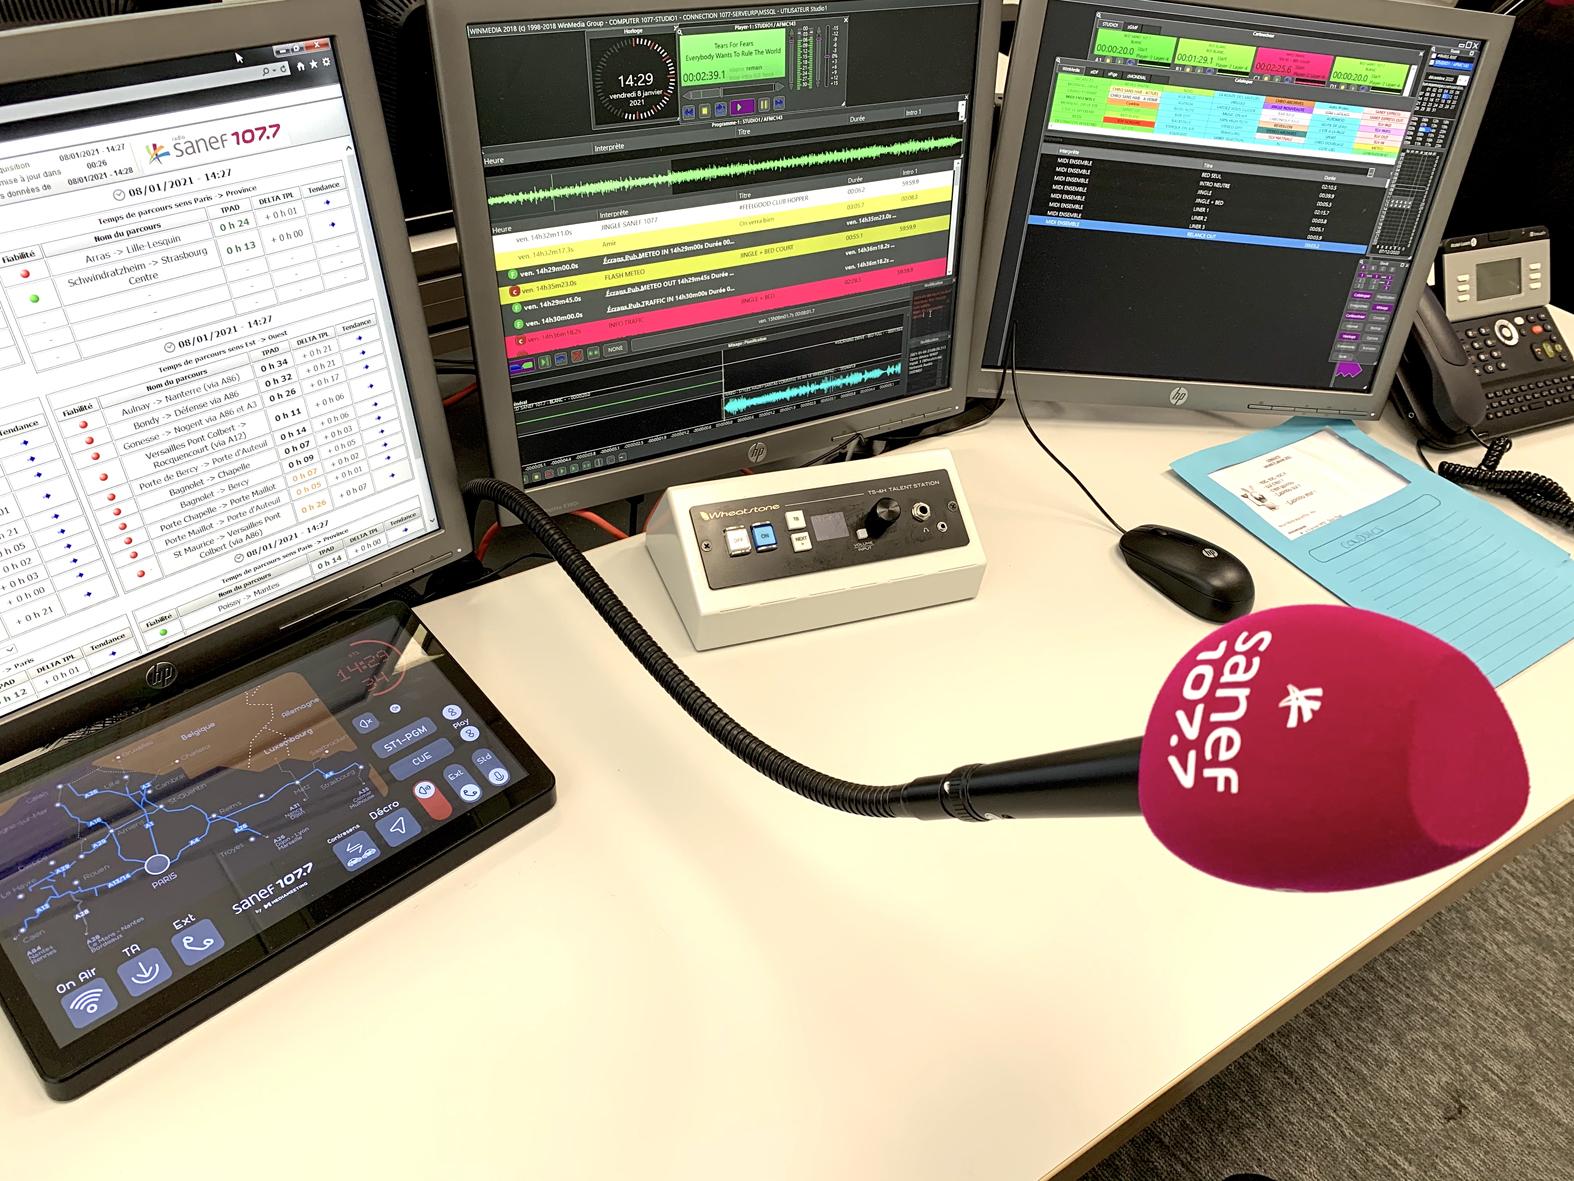 Le MAG 129 - Sanef 107.7 : nouvelles installations avec les outils de SAVE Diffusion et SOUND4